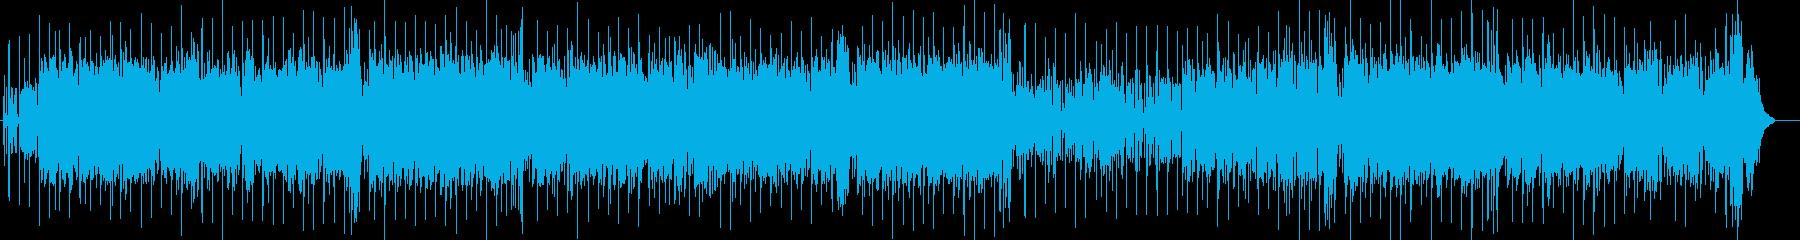 真夏の熱いラテンフュージョン 海ドライブの再生済みの波形